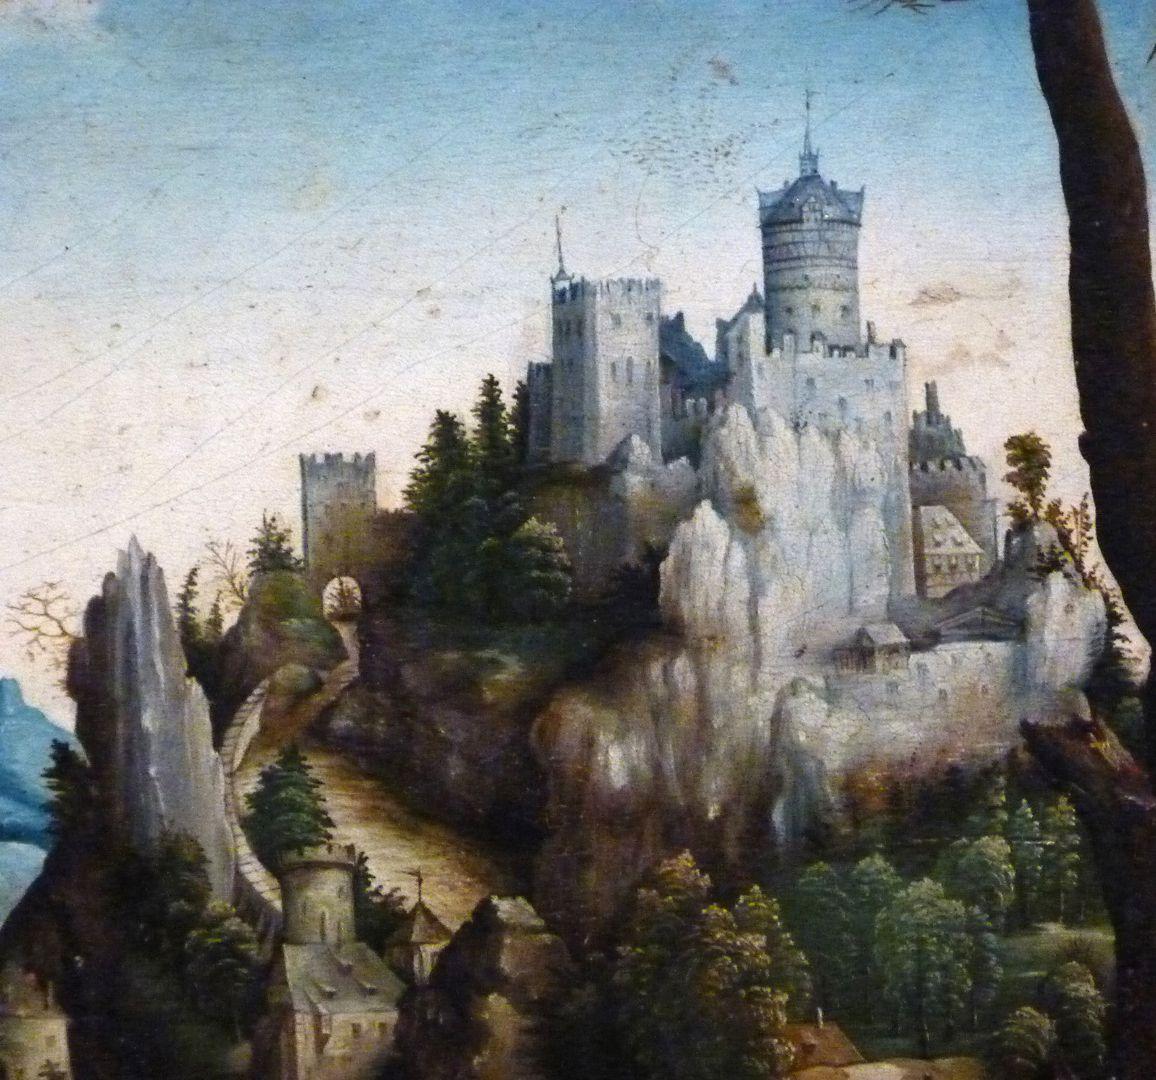 Kopie des hl. Eustachius nach Albrecht Dürer Detail mit Burg